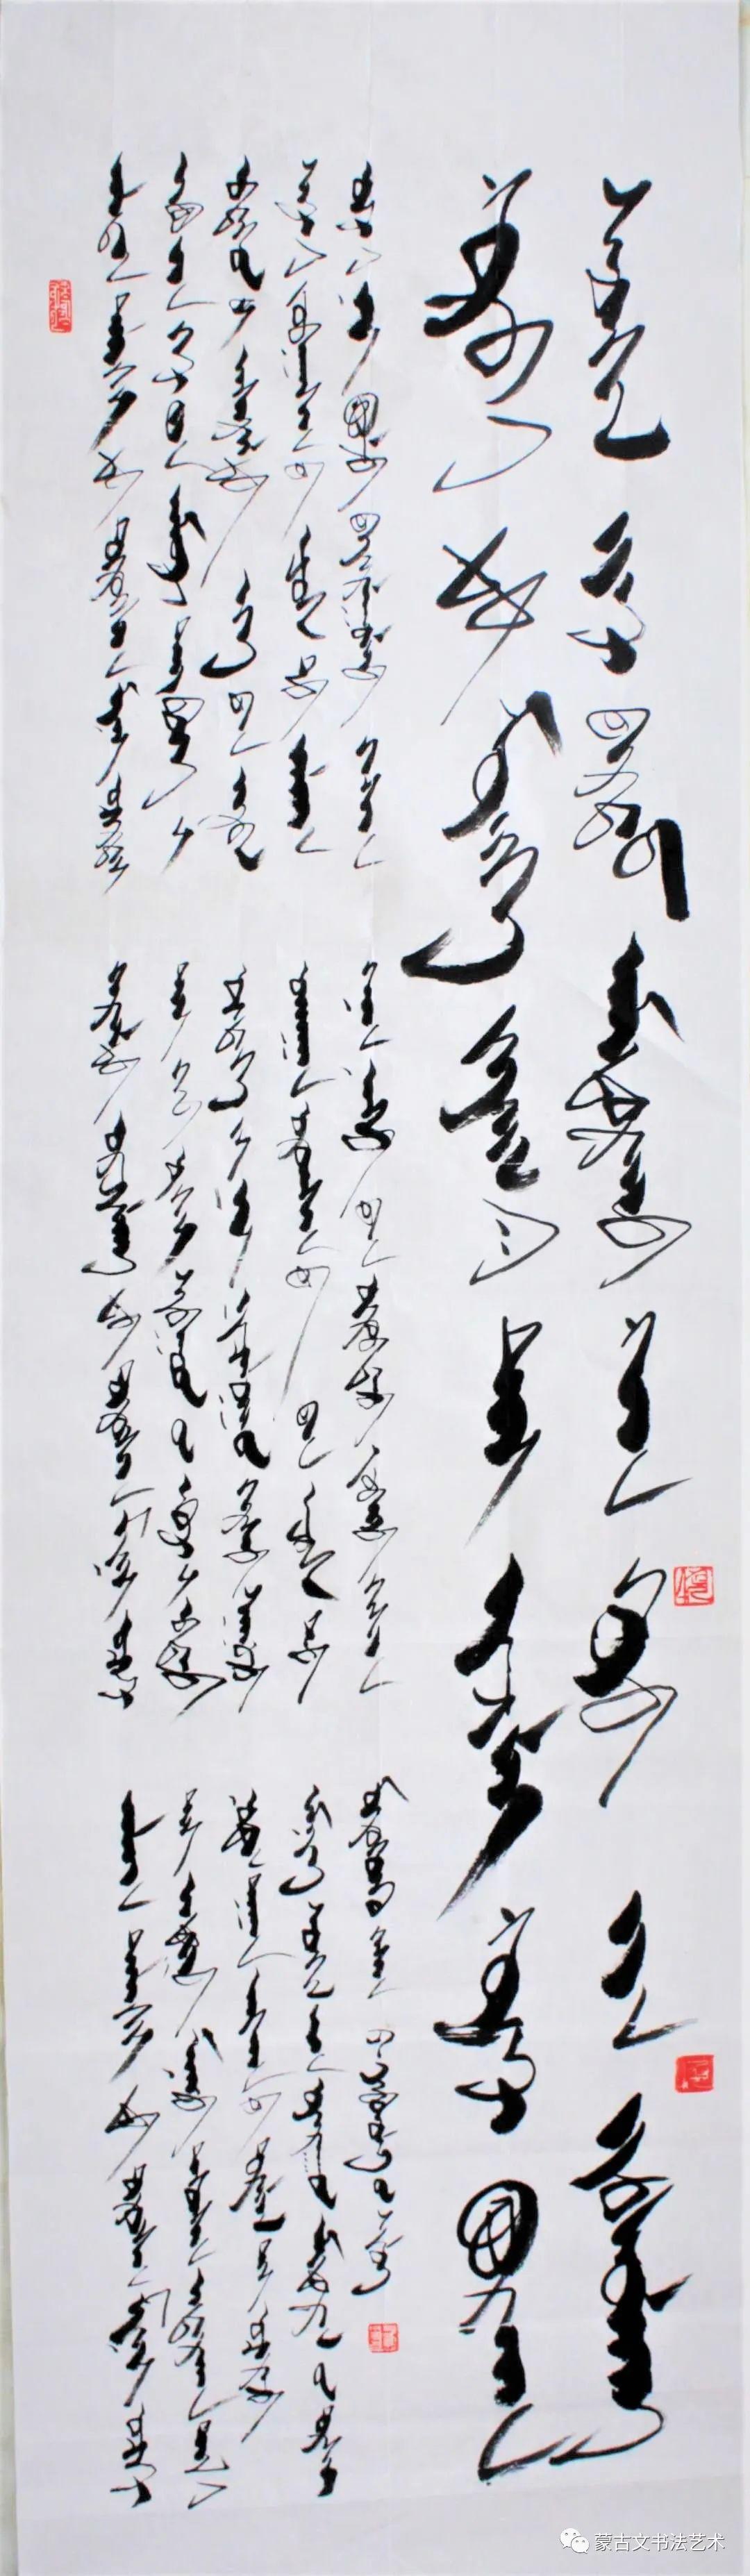 扎仁琴蒙古文书法 第26张